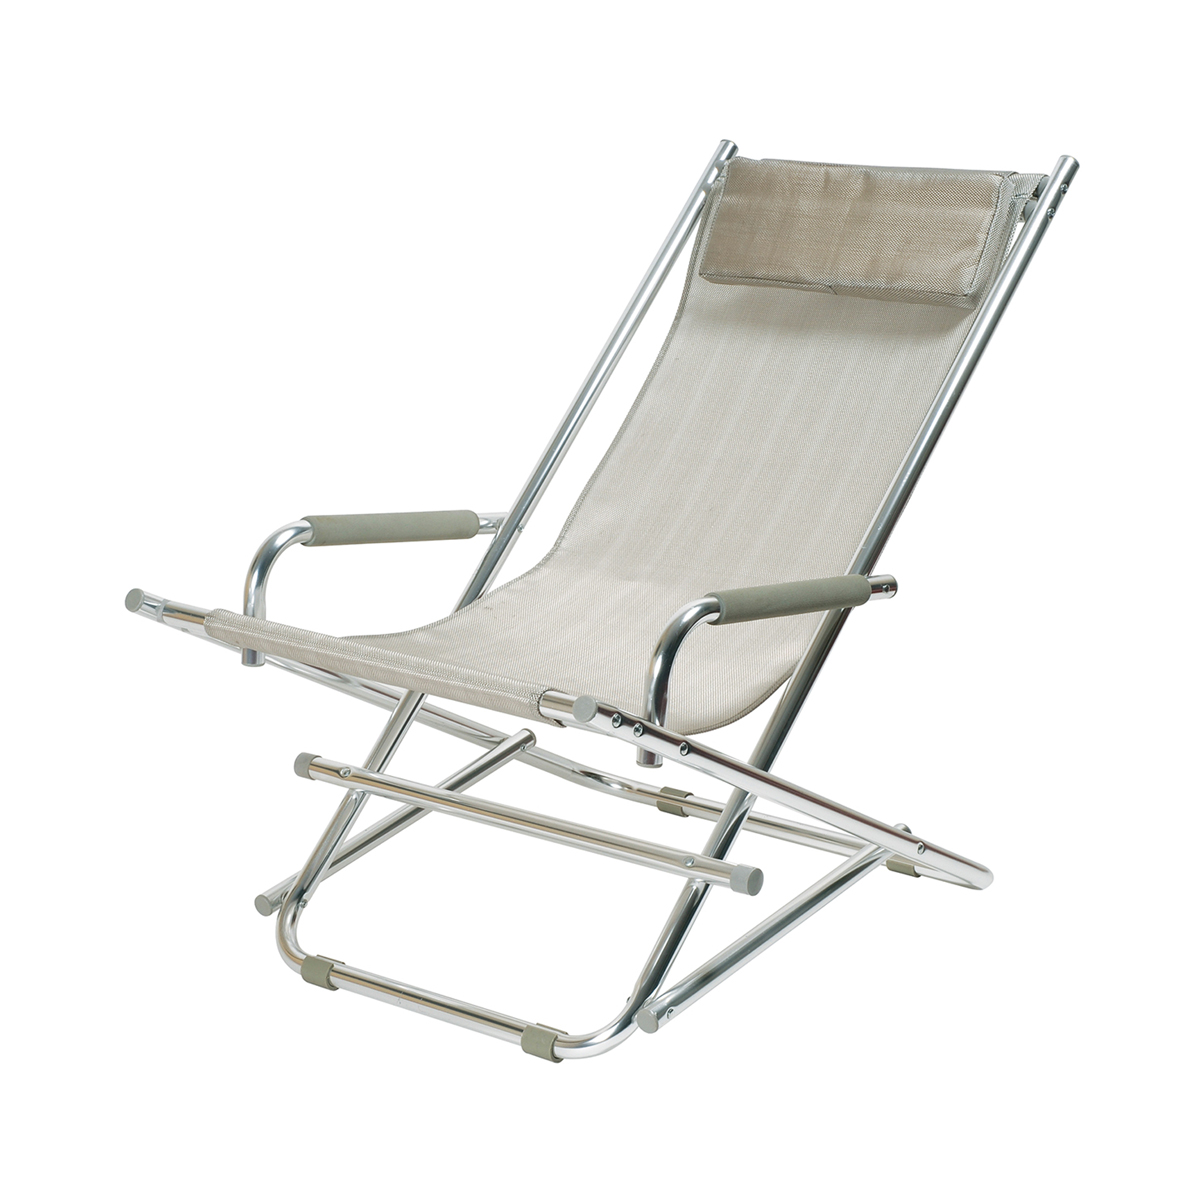 transat aluminium gris abc location. Black Bedroom Furniture Sets. Home Design Ideas